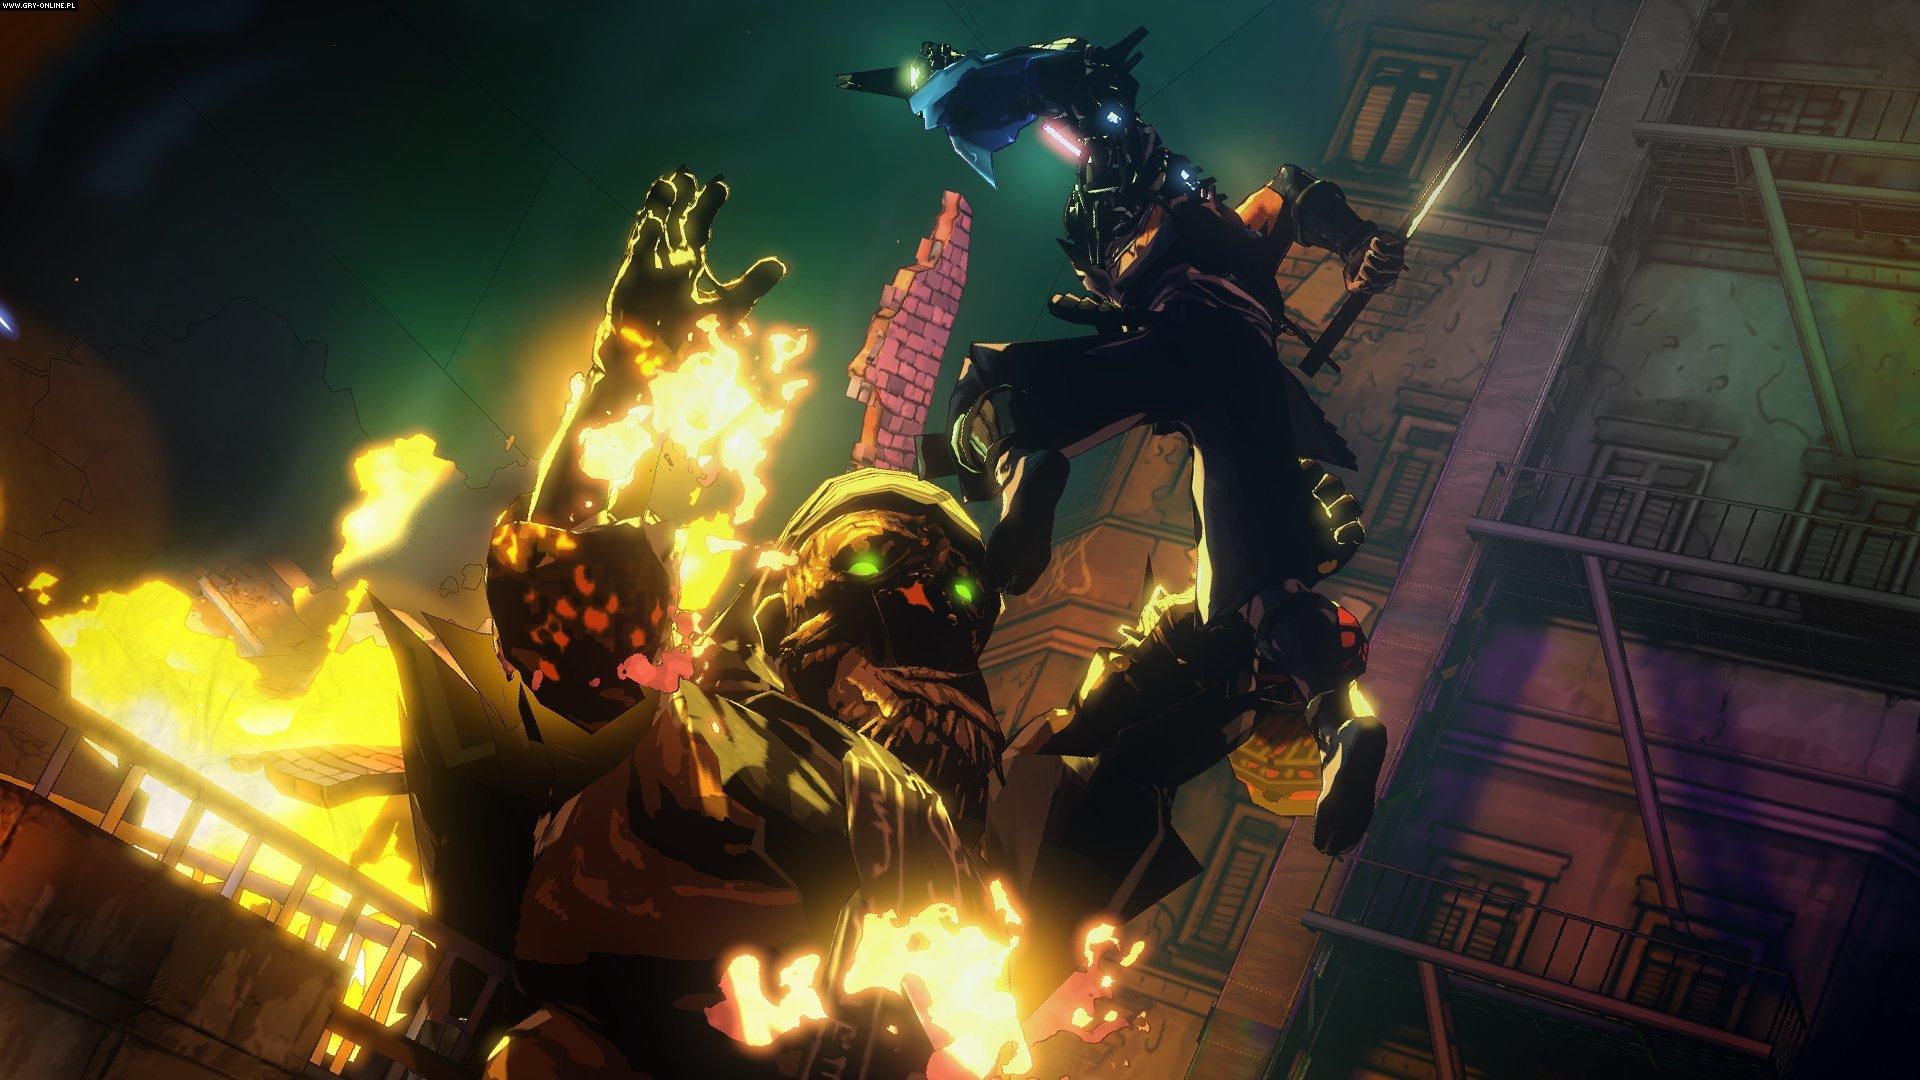 Yaiba Ninja Gaiden Wallpapers Pictures Images